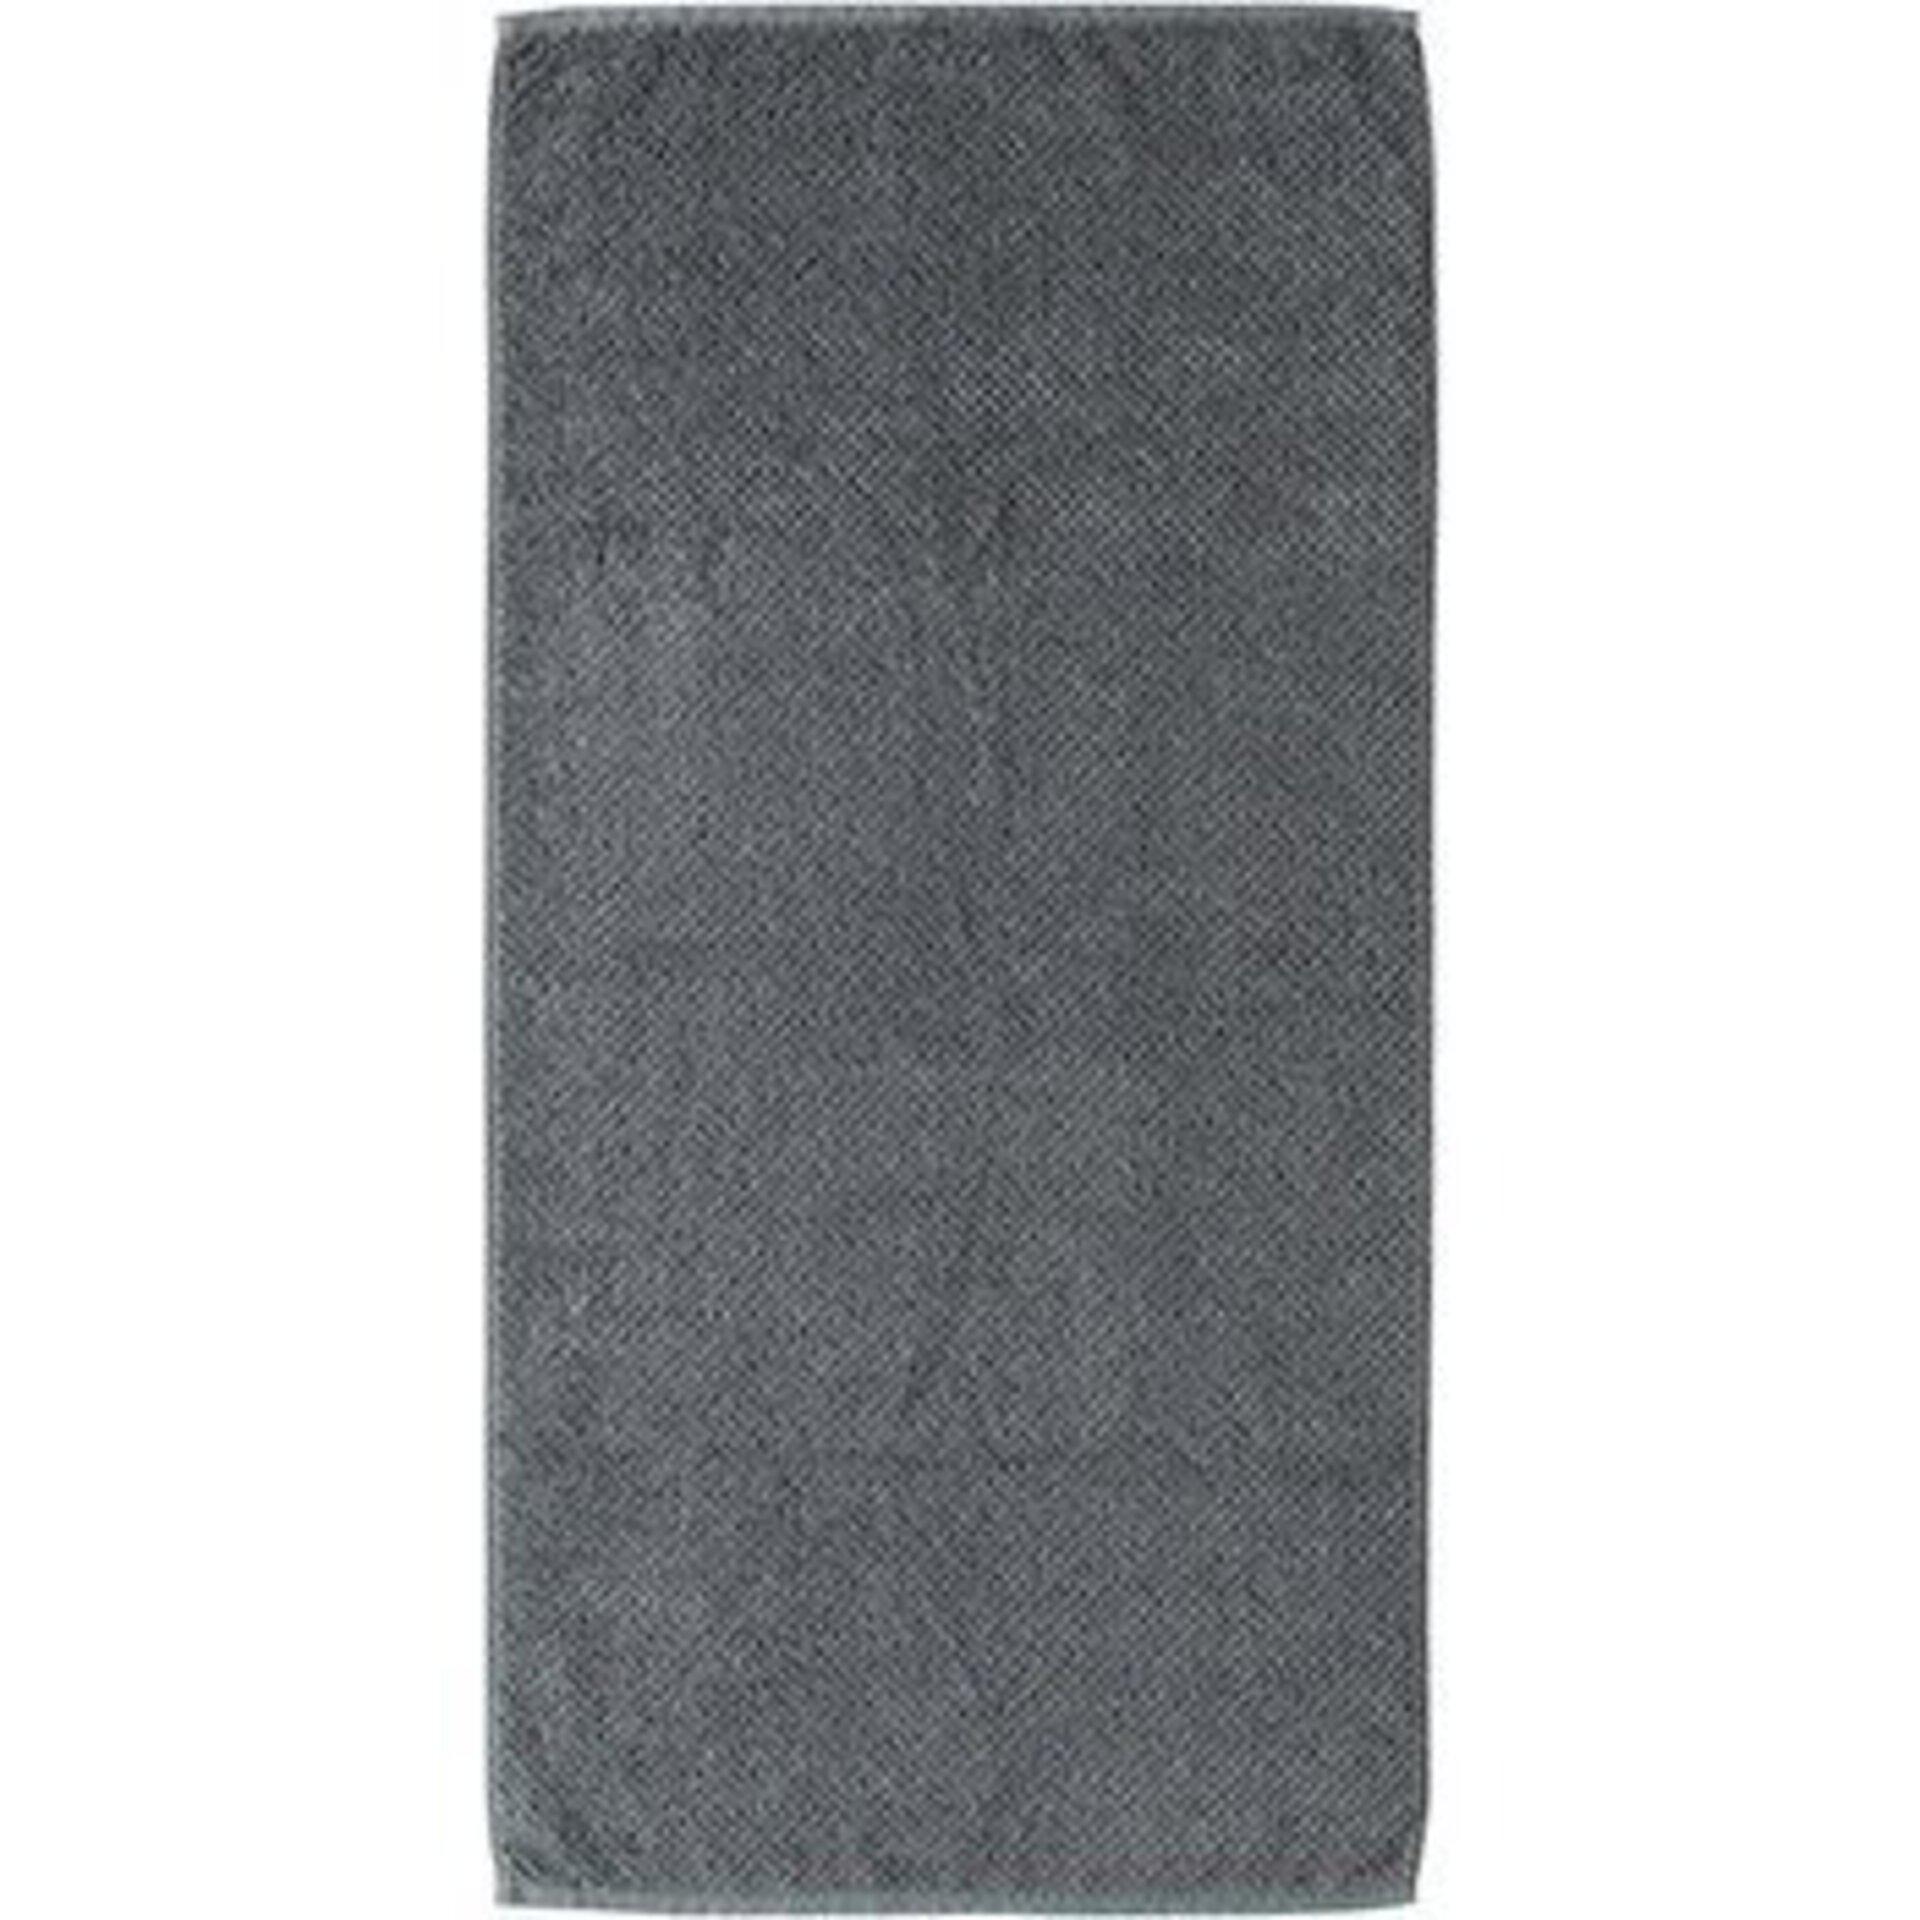 Duschtuch S. Oliver Textil grau 70 x 140 cm